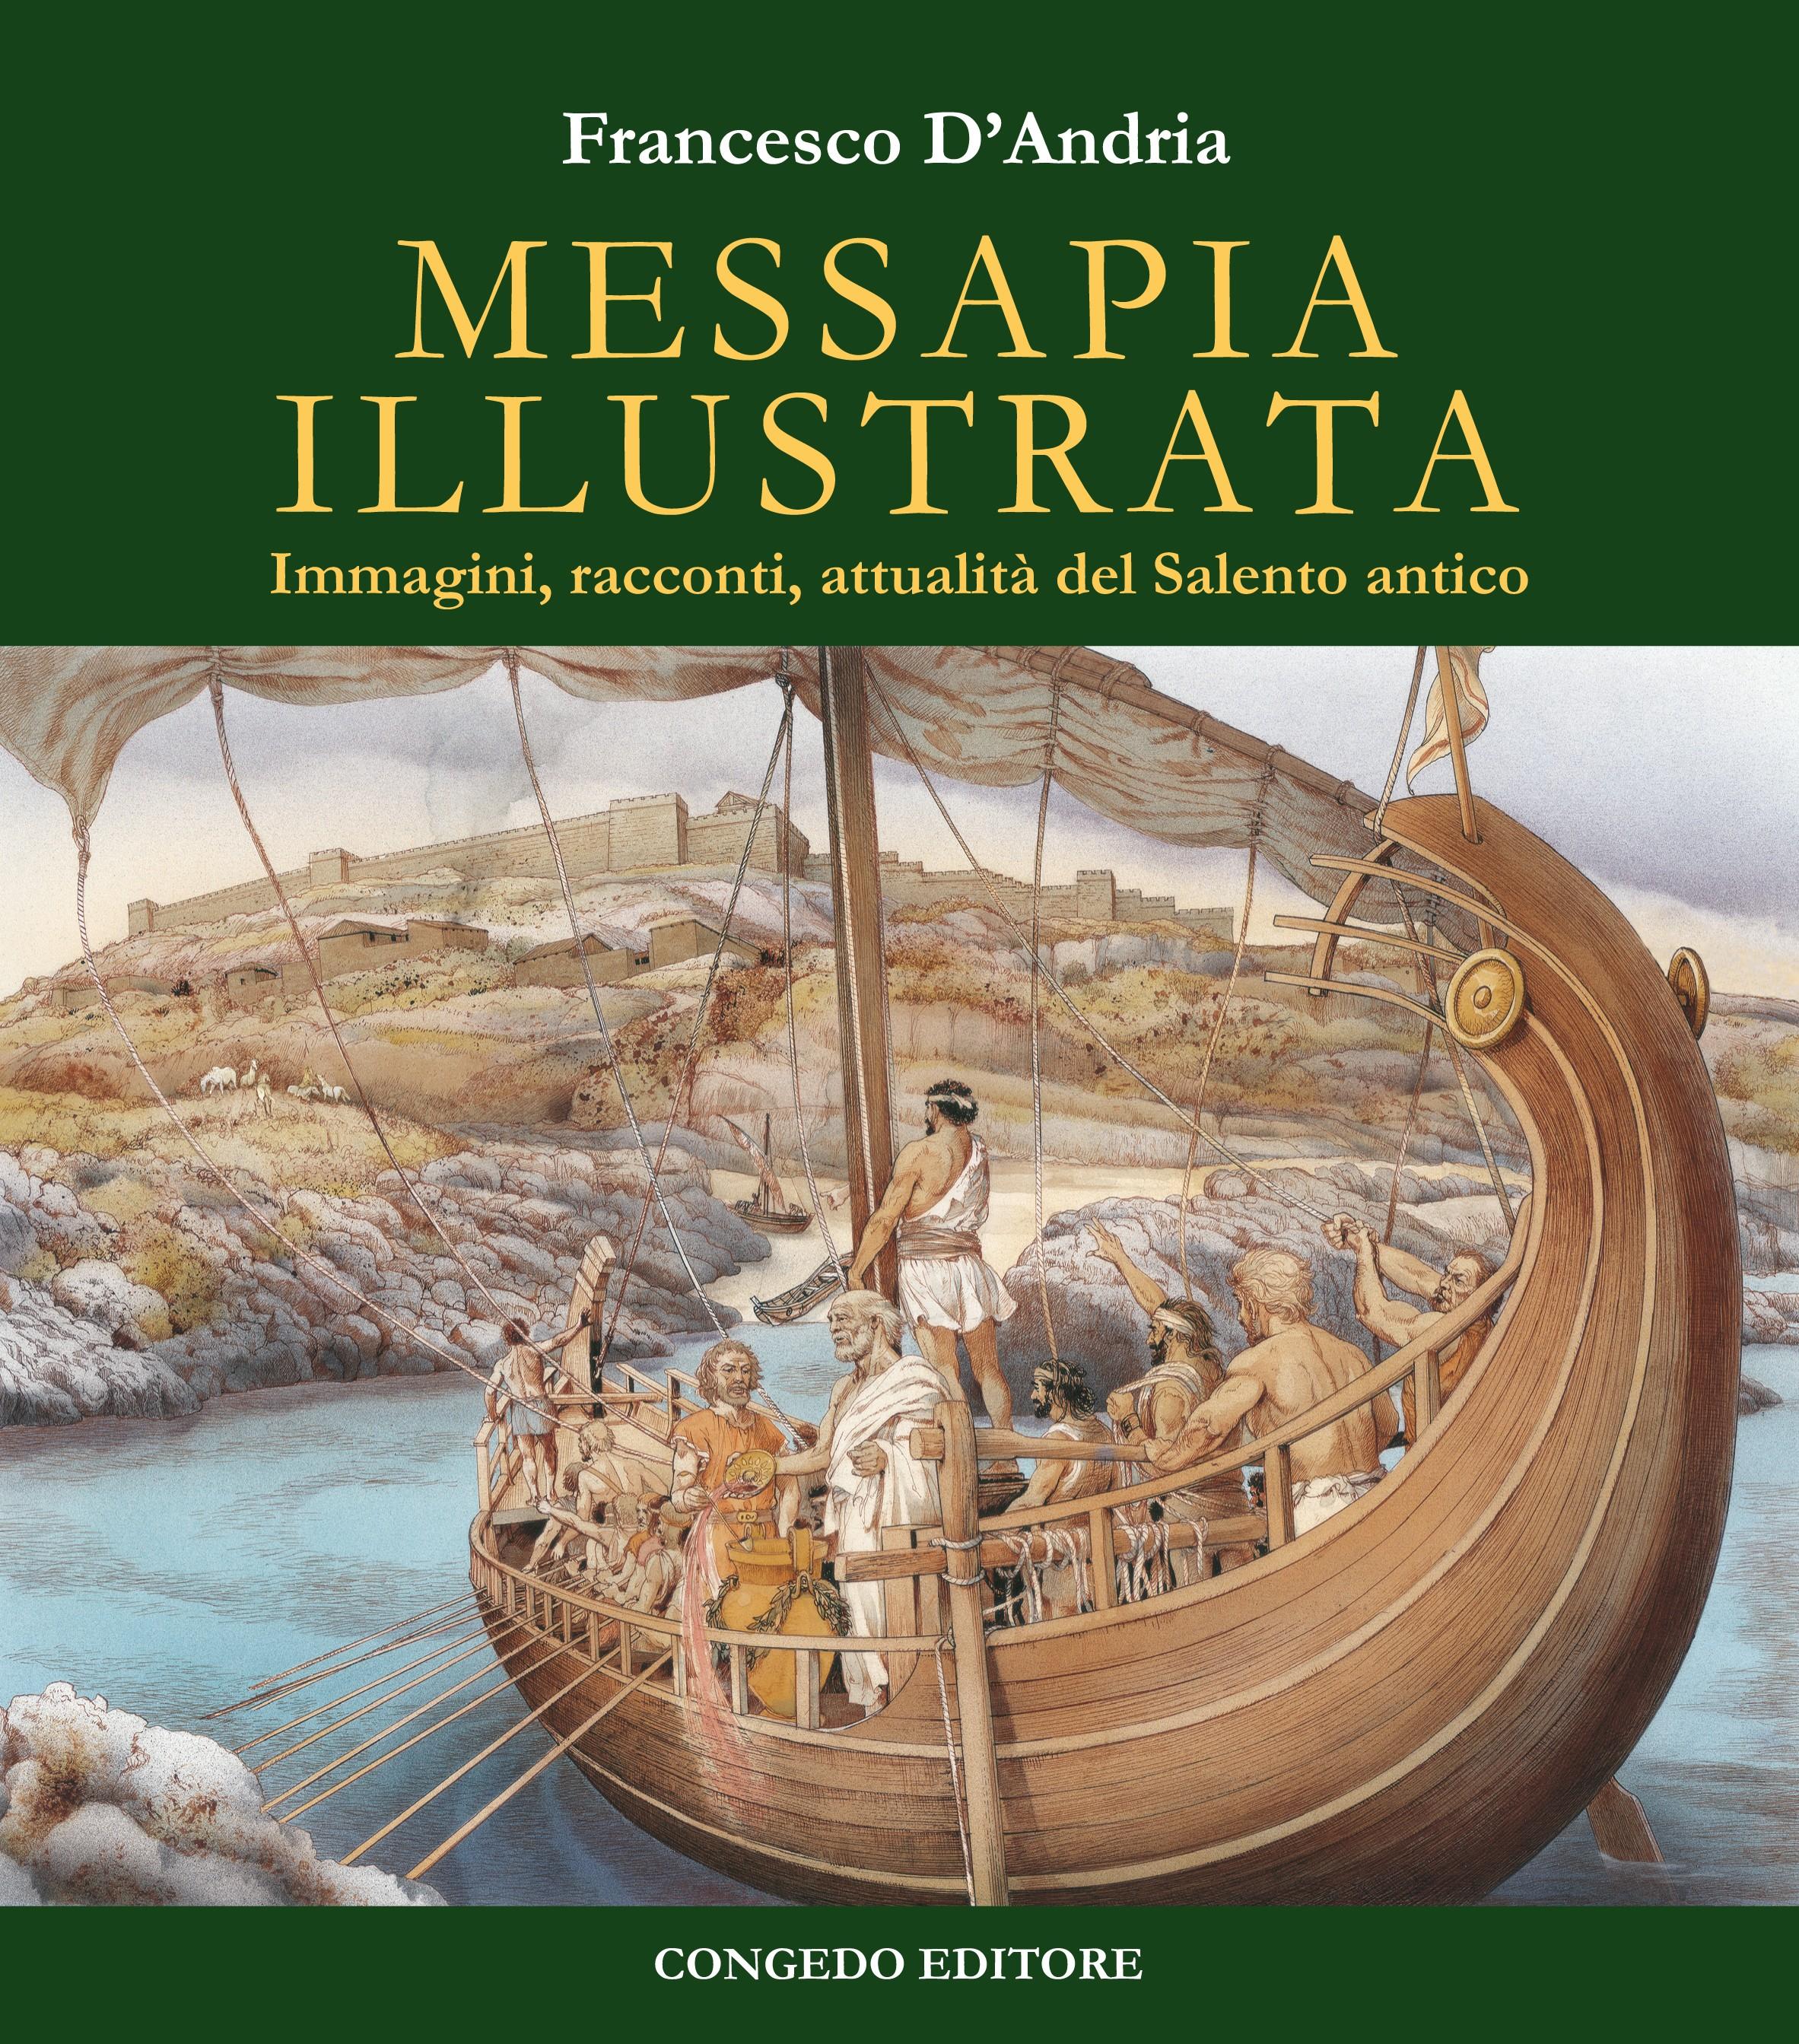 Messapia illustrata. Immagini, racconti, attualità del Salento antico